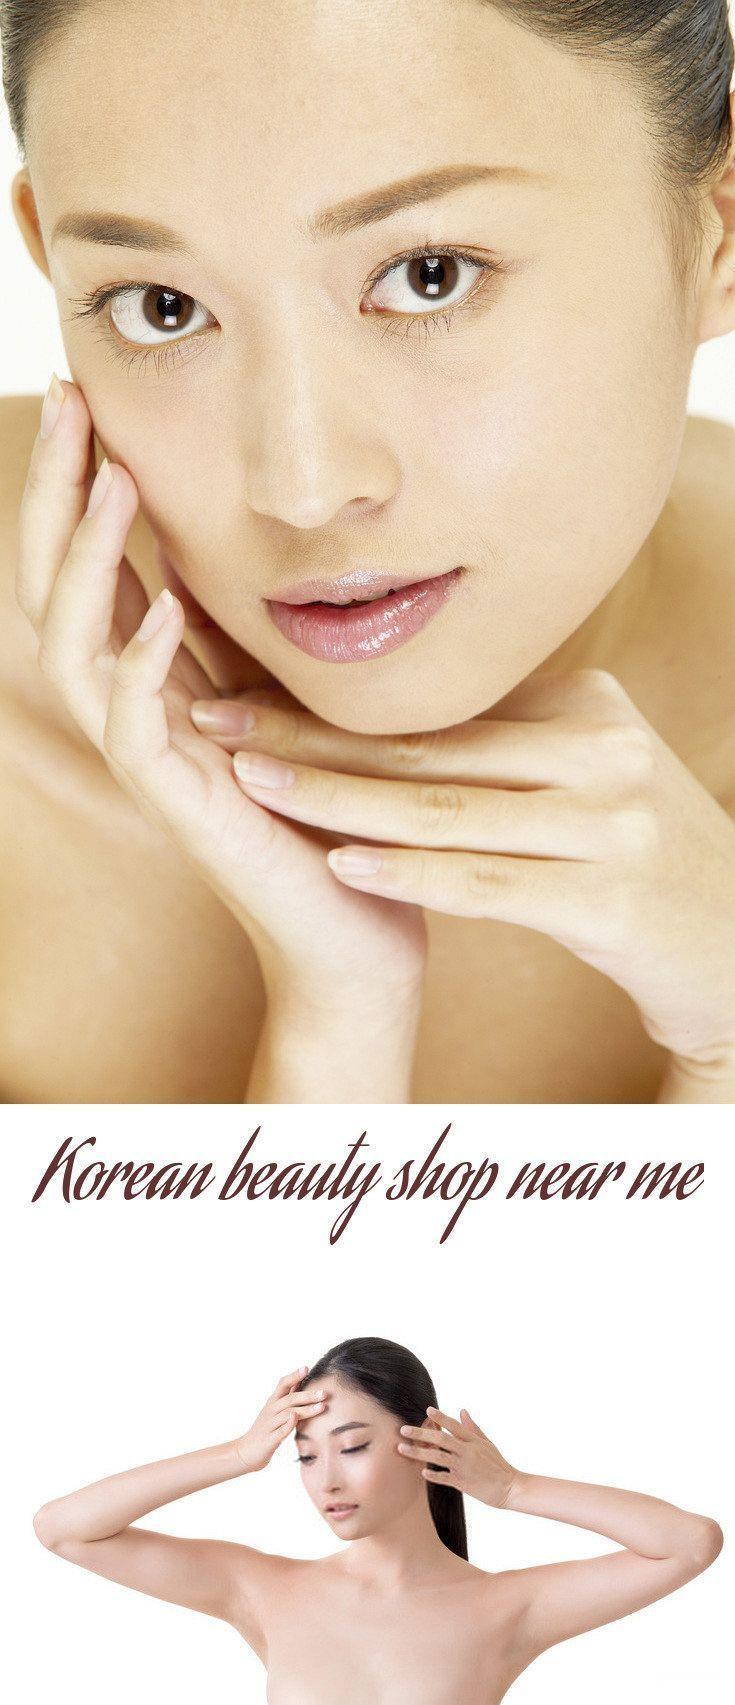 Koreanischer Schönheitssalon in meiner Nähe. Natürliche